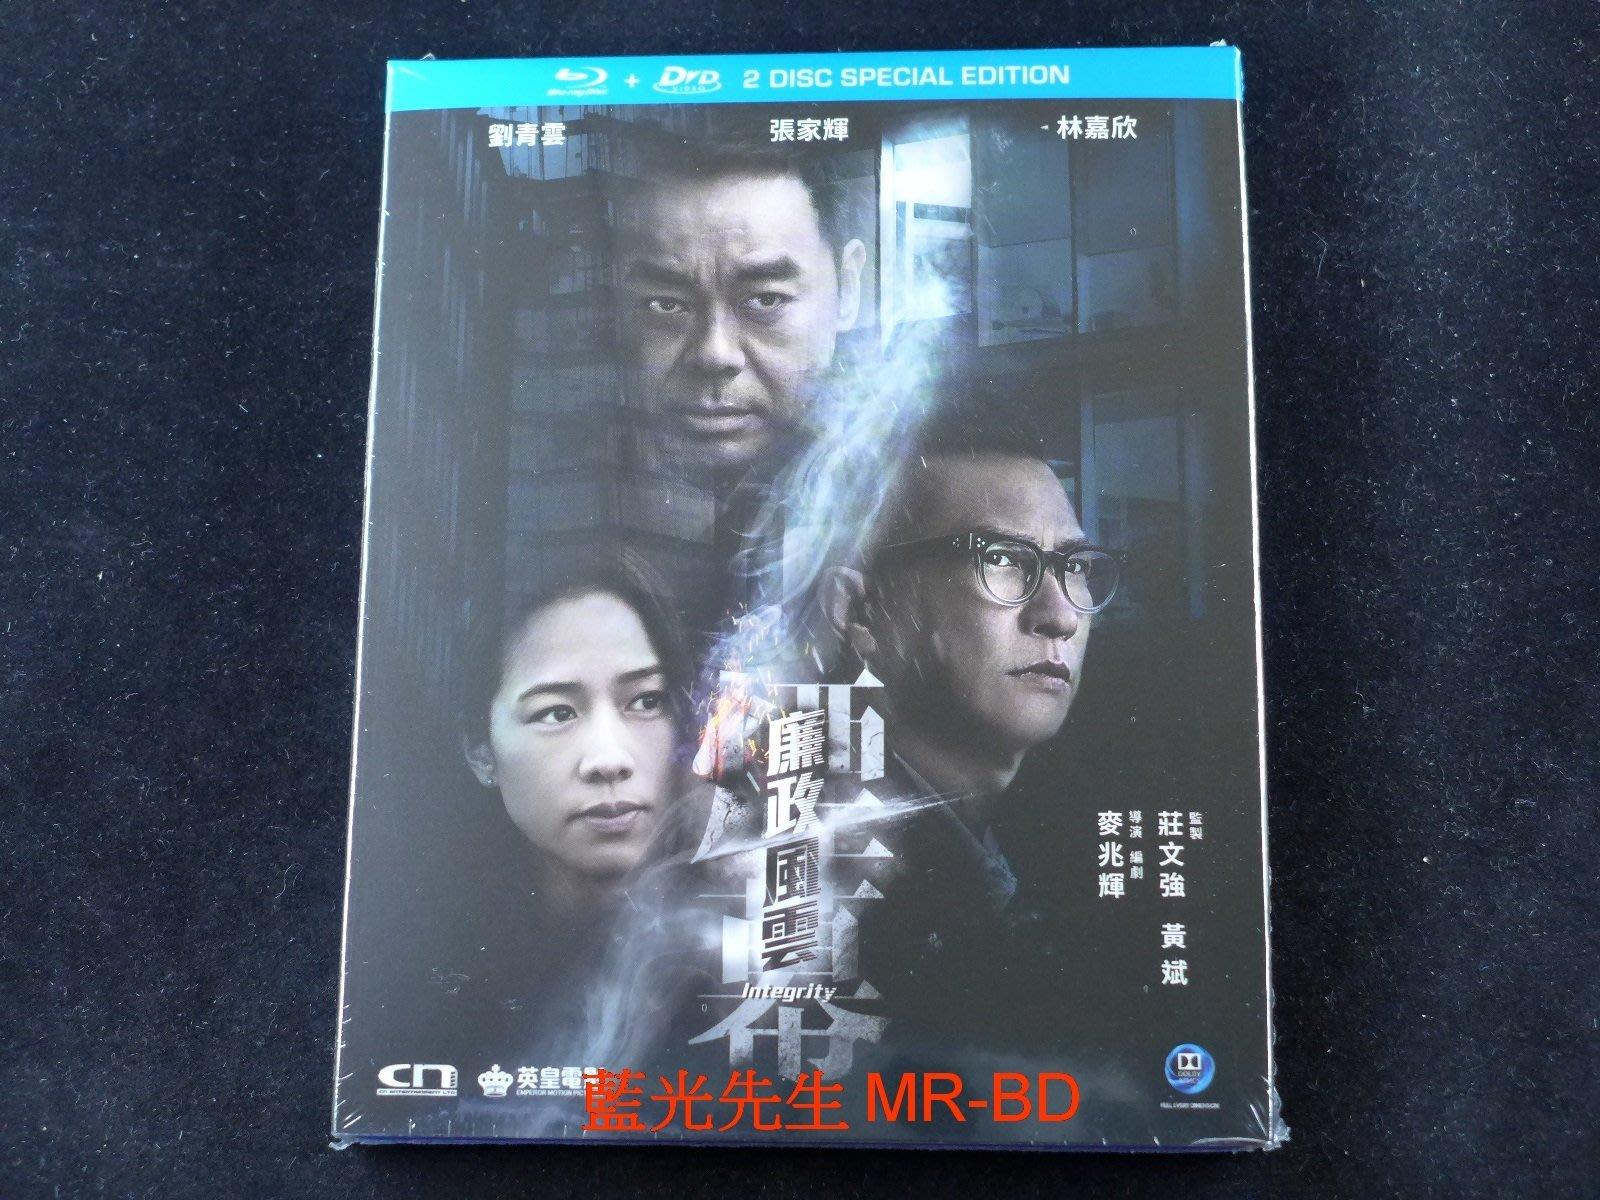 [藍光BD] - 廉政風雲:煙幕 Integrity BD + DVD 雙碟限定版